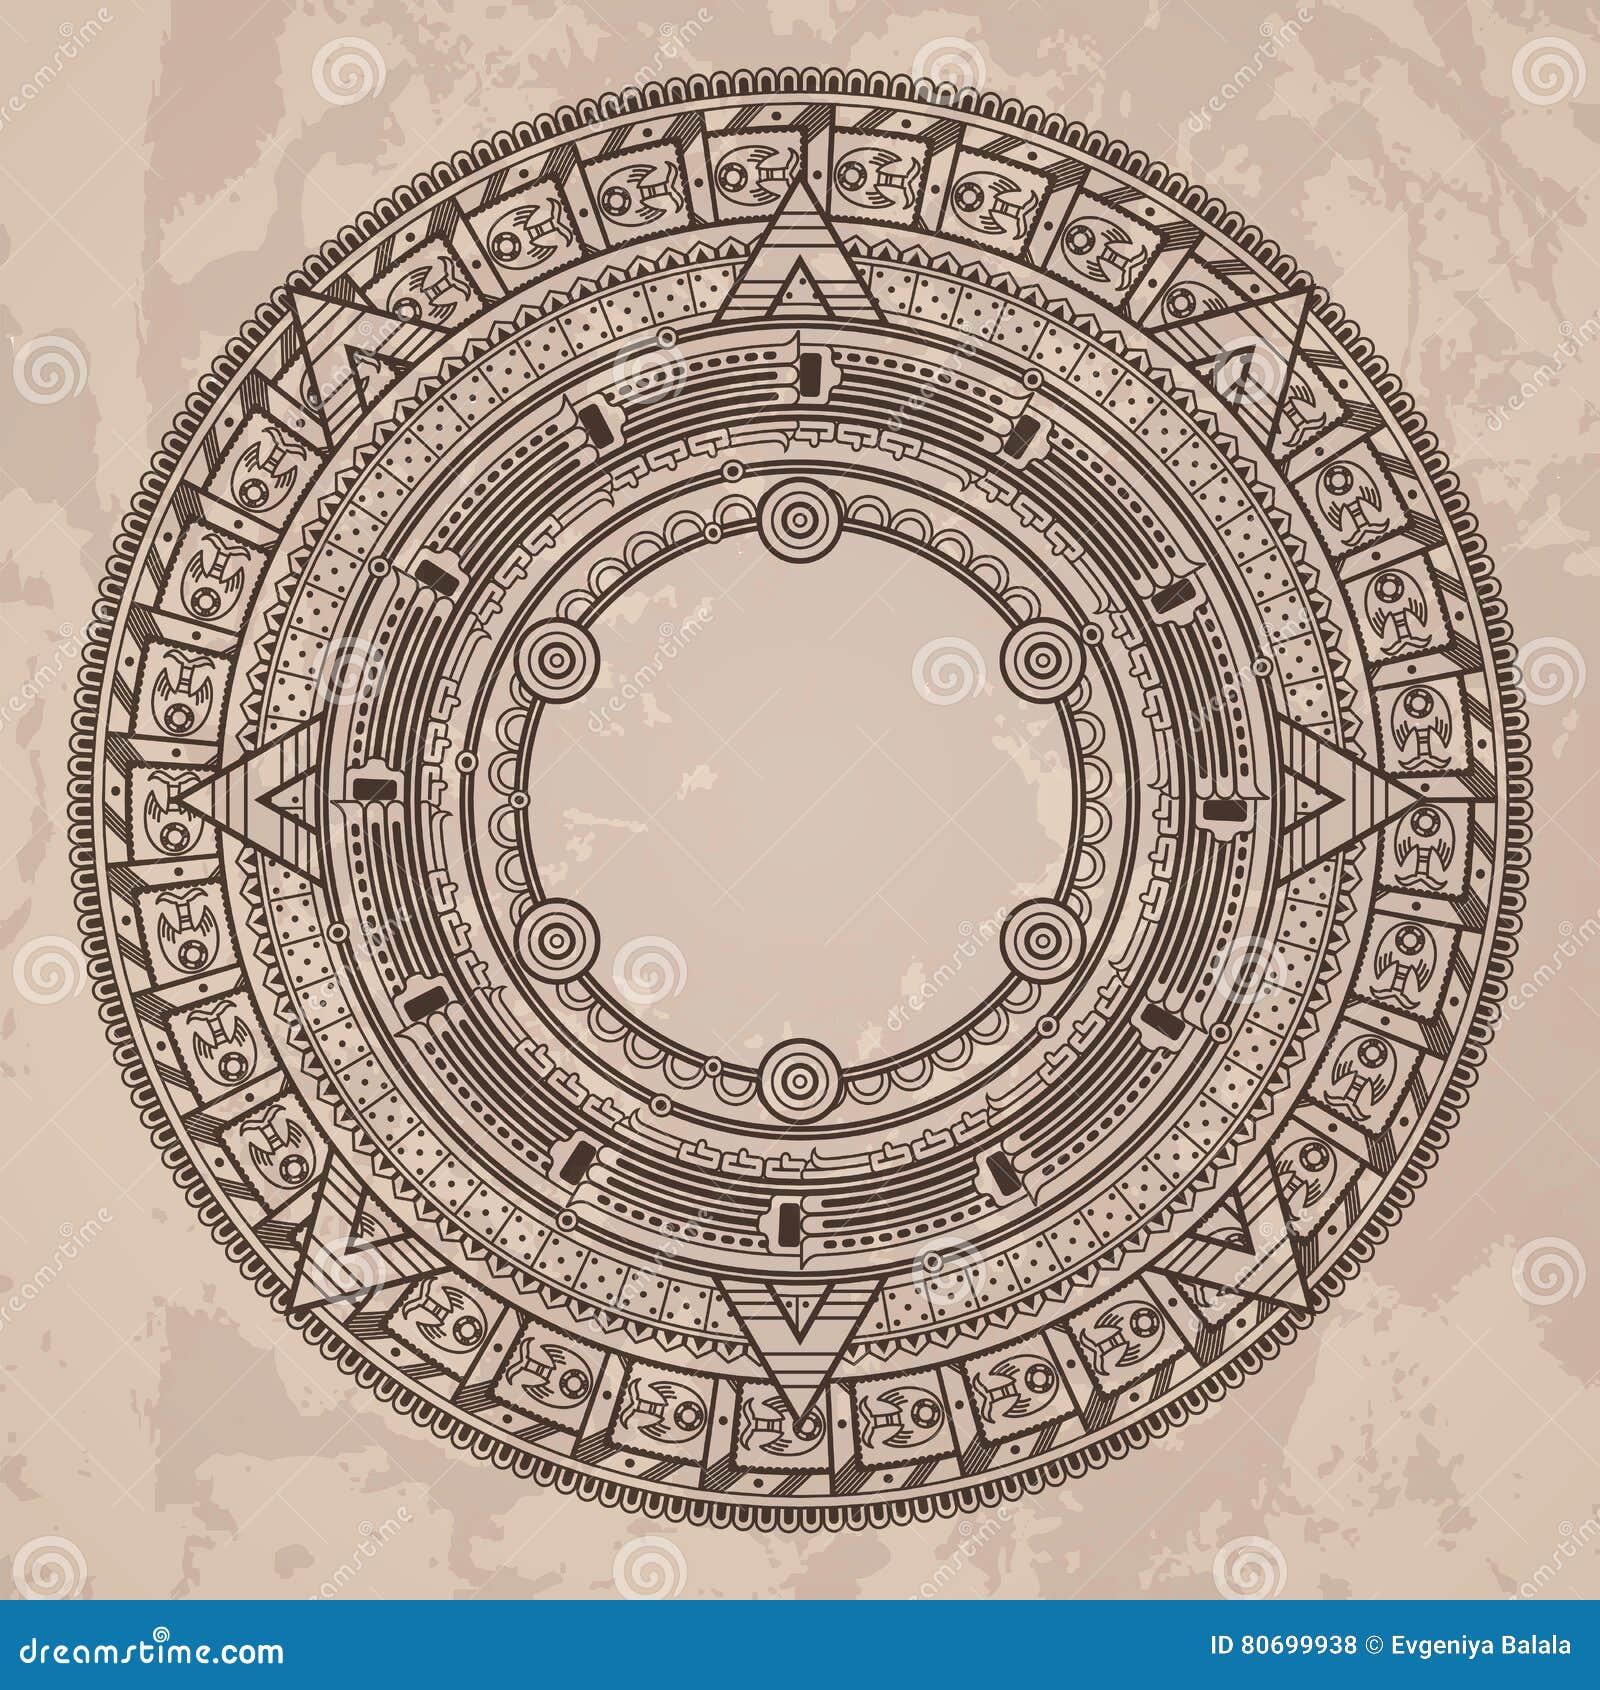 Calendario Azteca Vectores.Vector El Modelo Circular En El Estilo De La Piedra Azteca